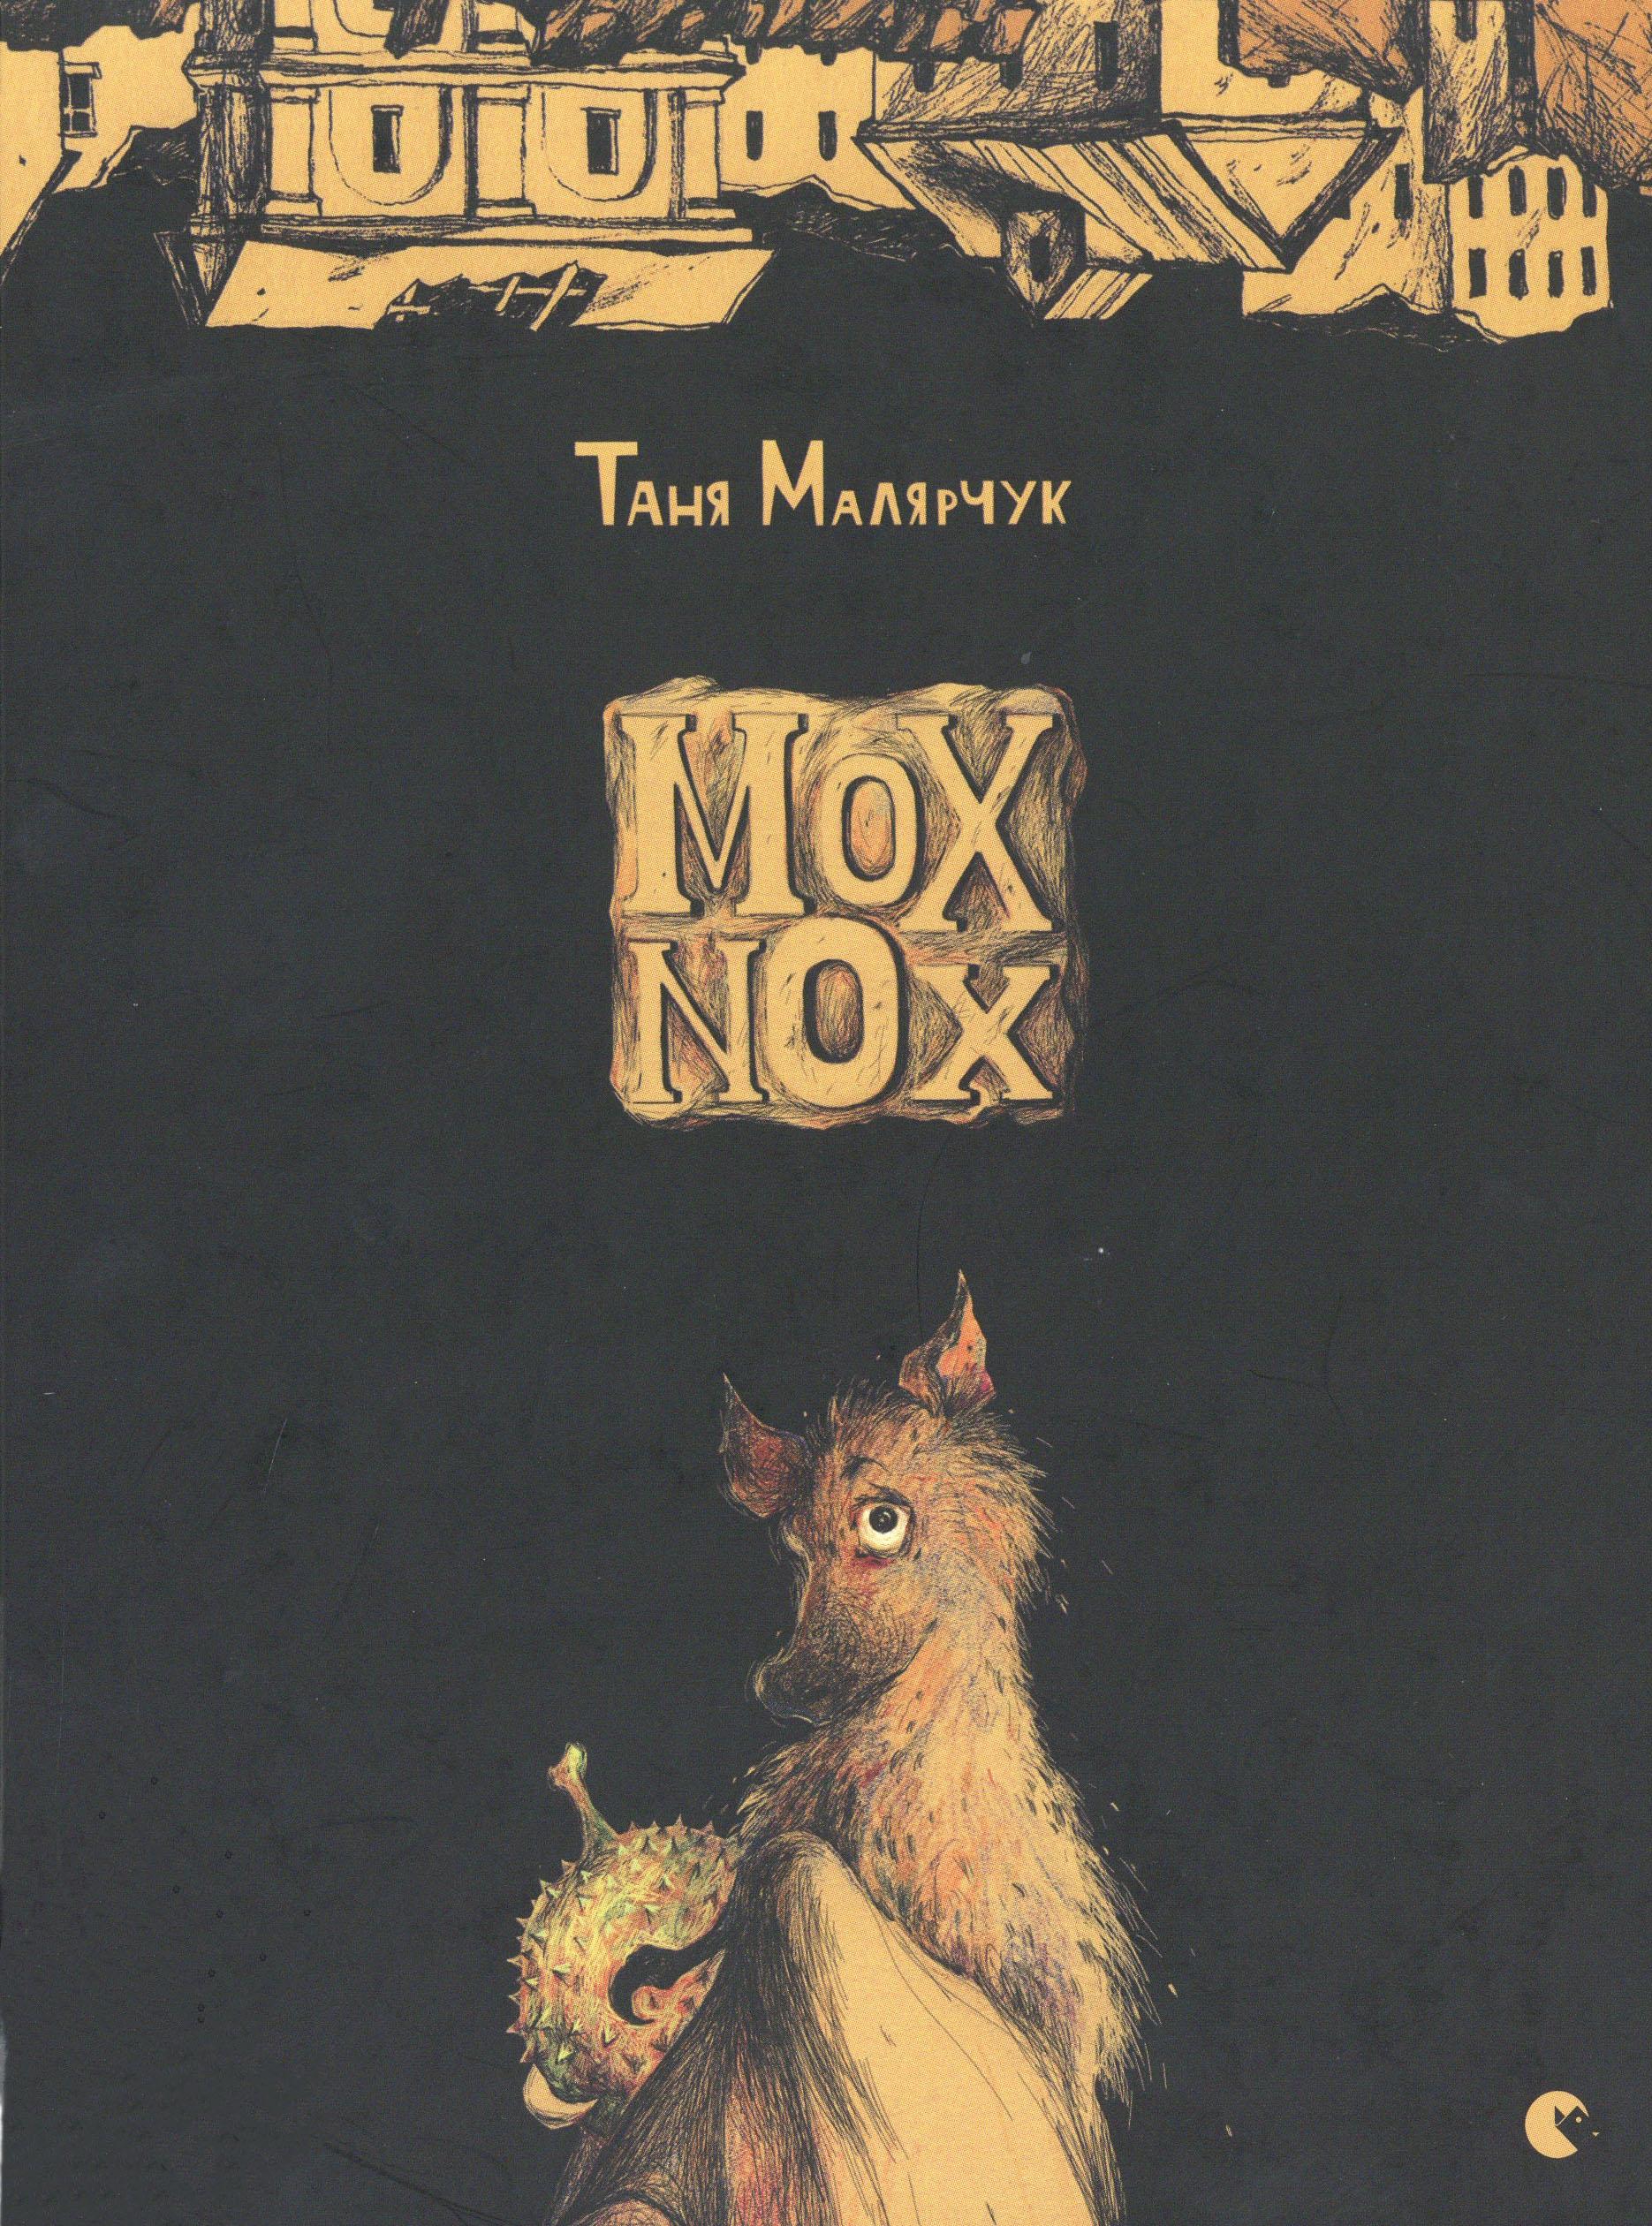 Mox Nox Book Cover